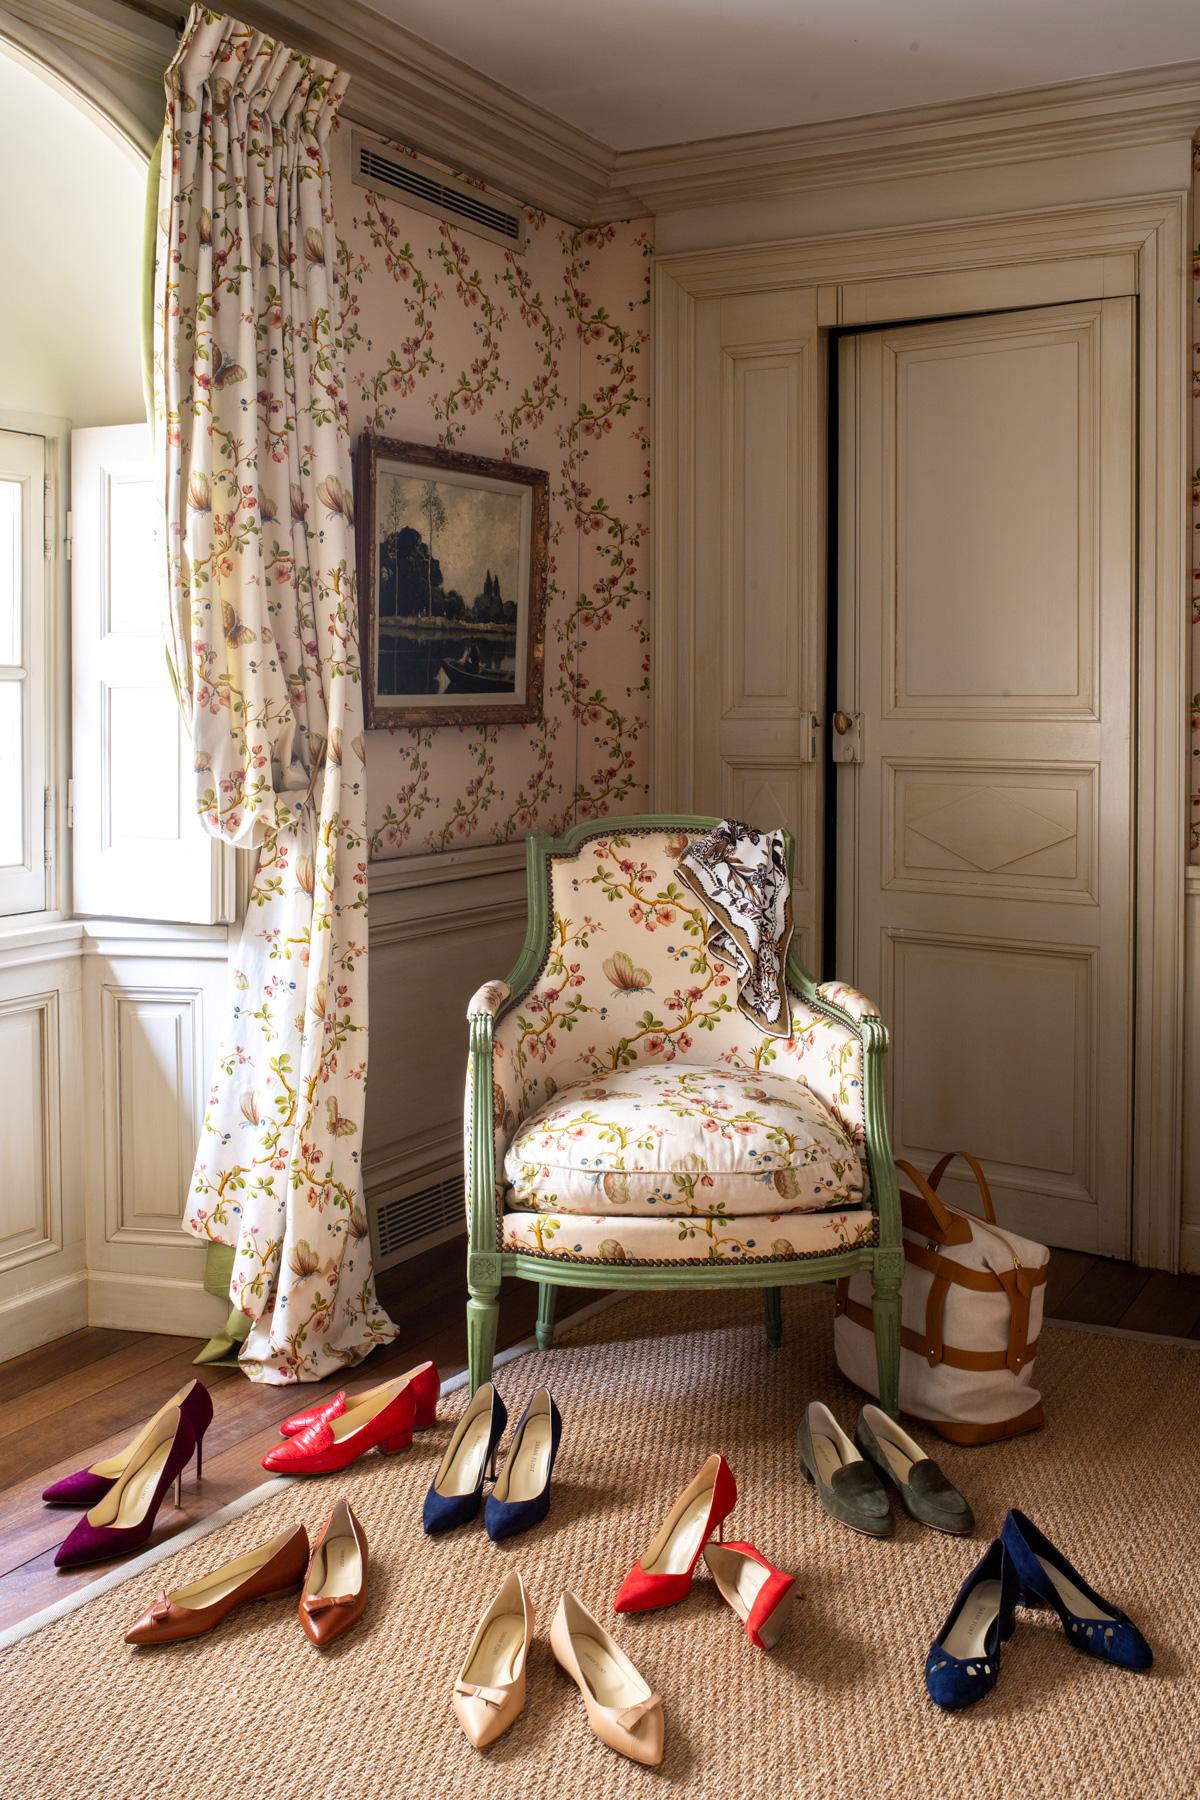 Stacie Flinner Guide to Avignon%2C France-14.jpg